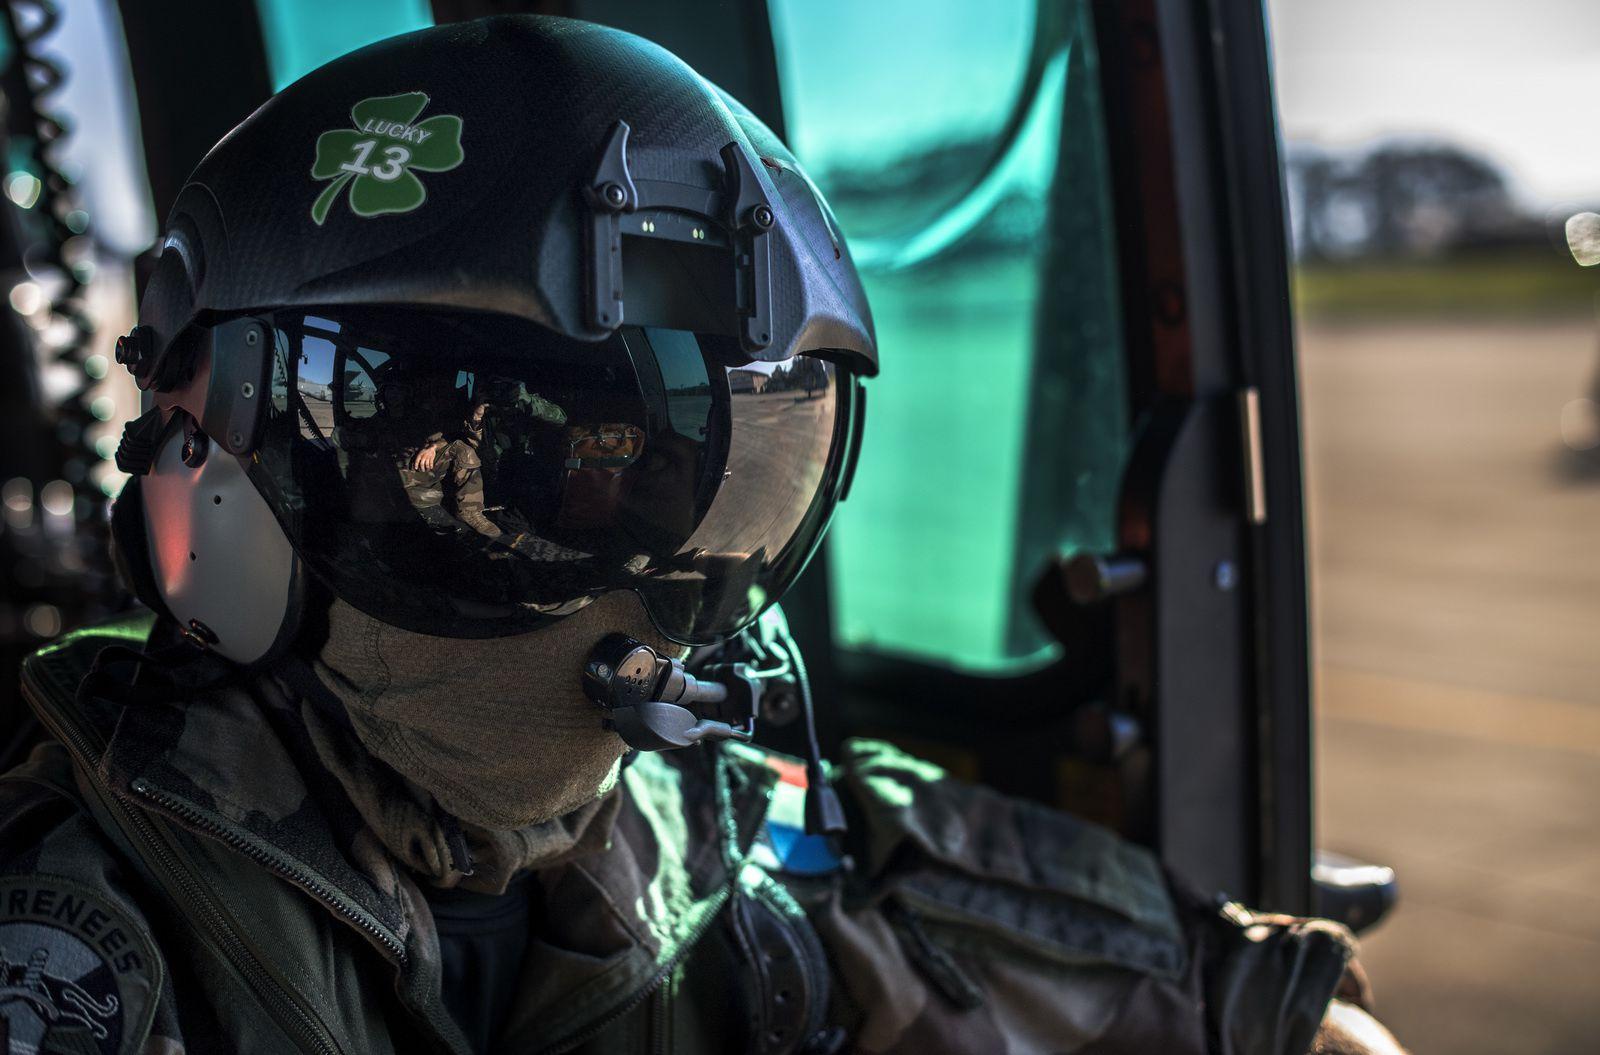 PHOTOS - Emerald Warrior 2018 : Les forces spéciales américaines et françaises s'entraînent ensemble